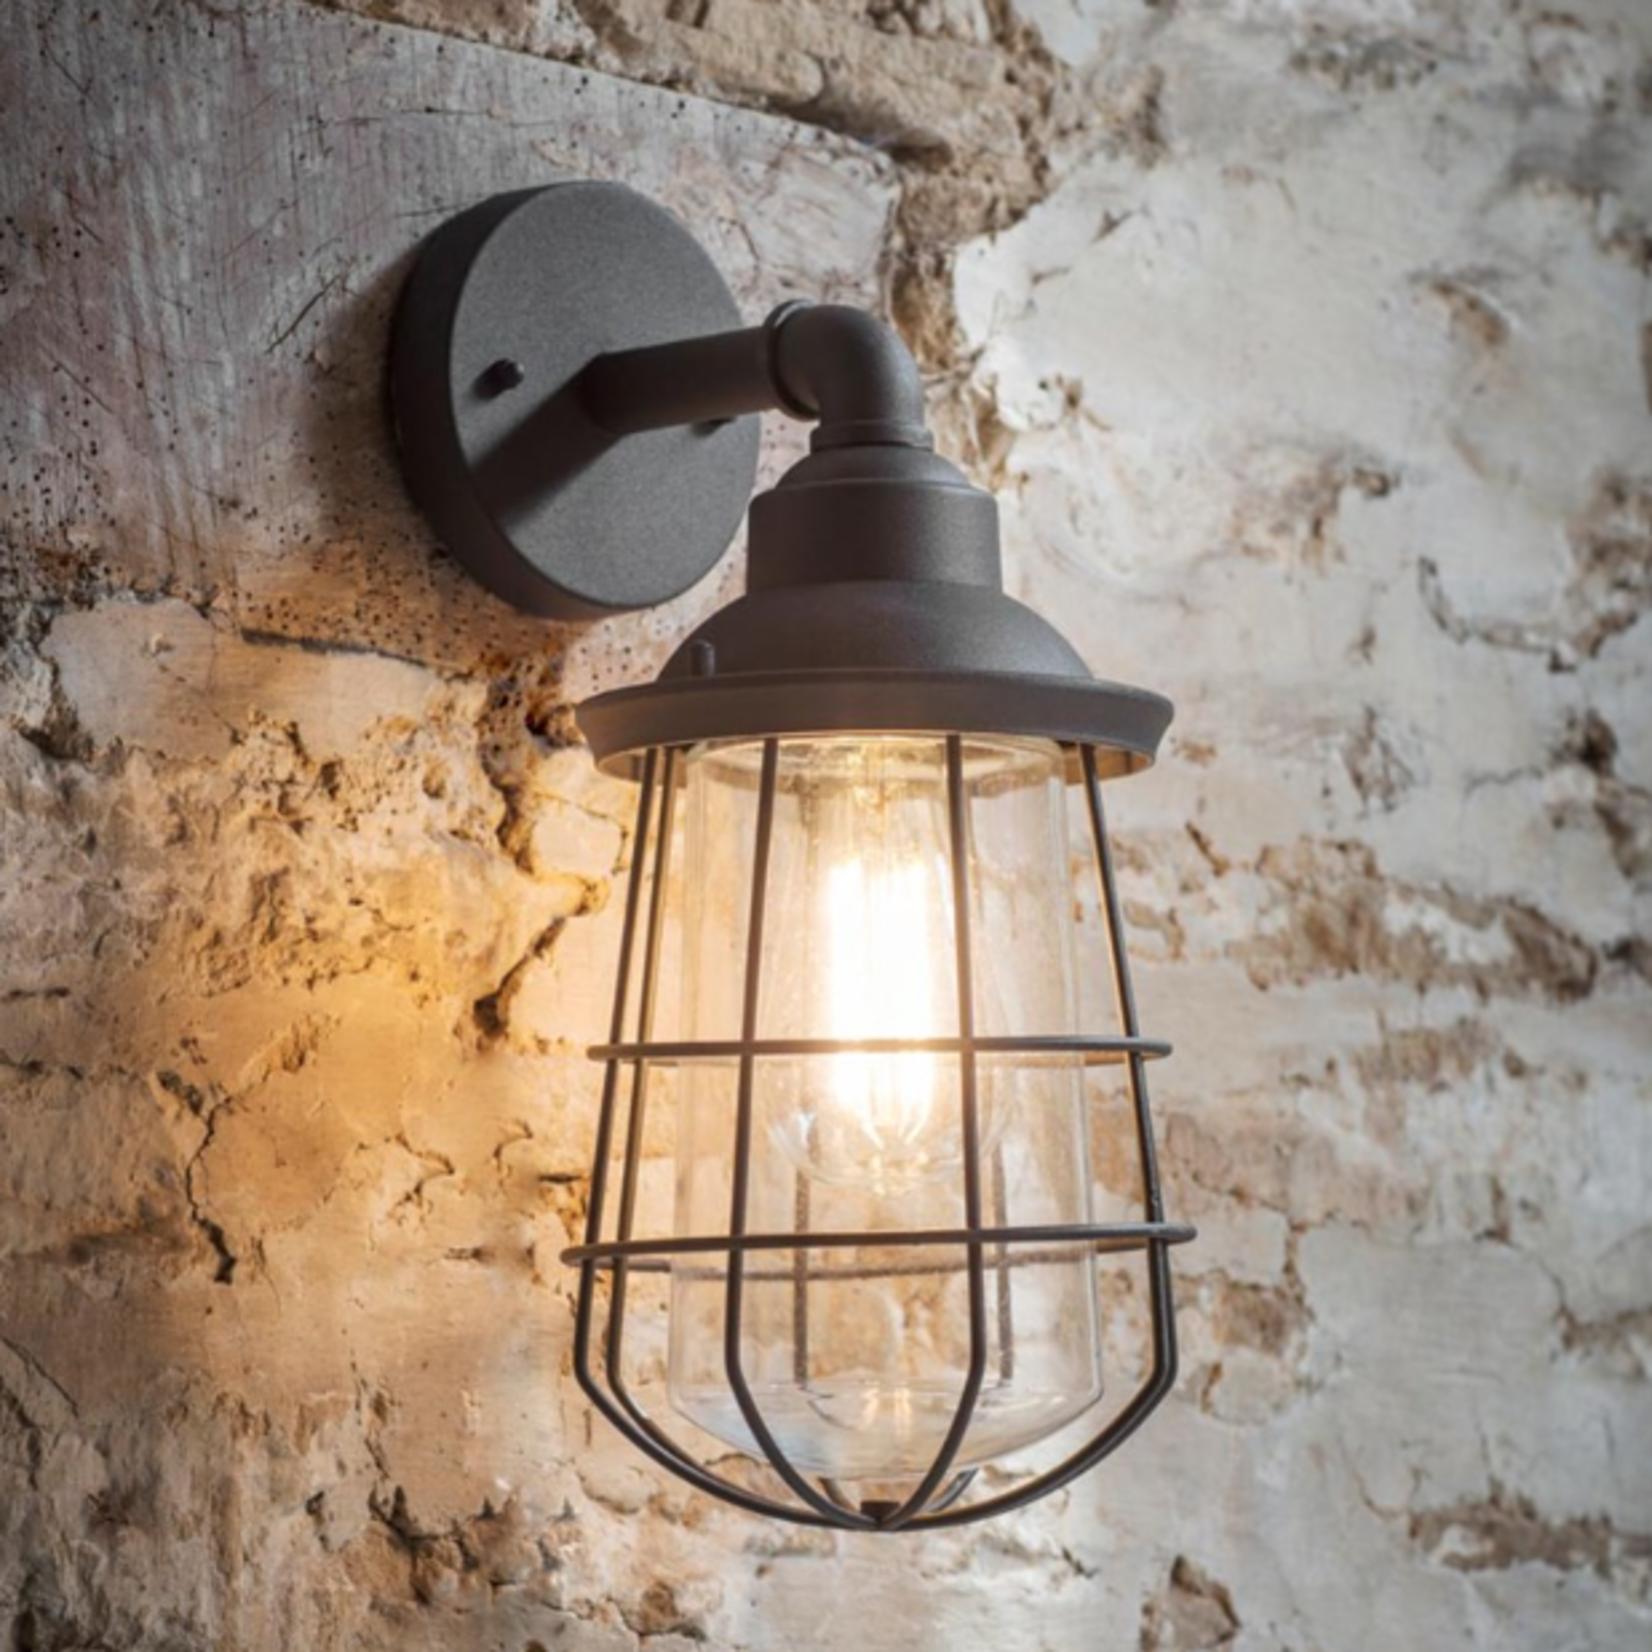 GT Finsbury Wall Light in Charcoal - Steel - Indoor or Outdoor